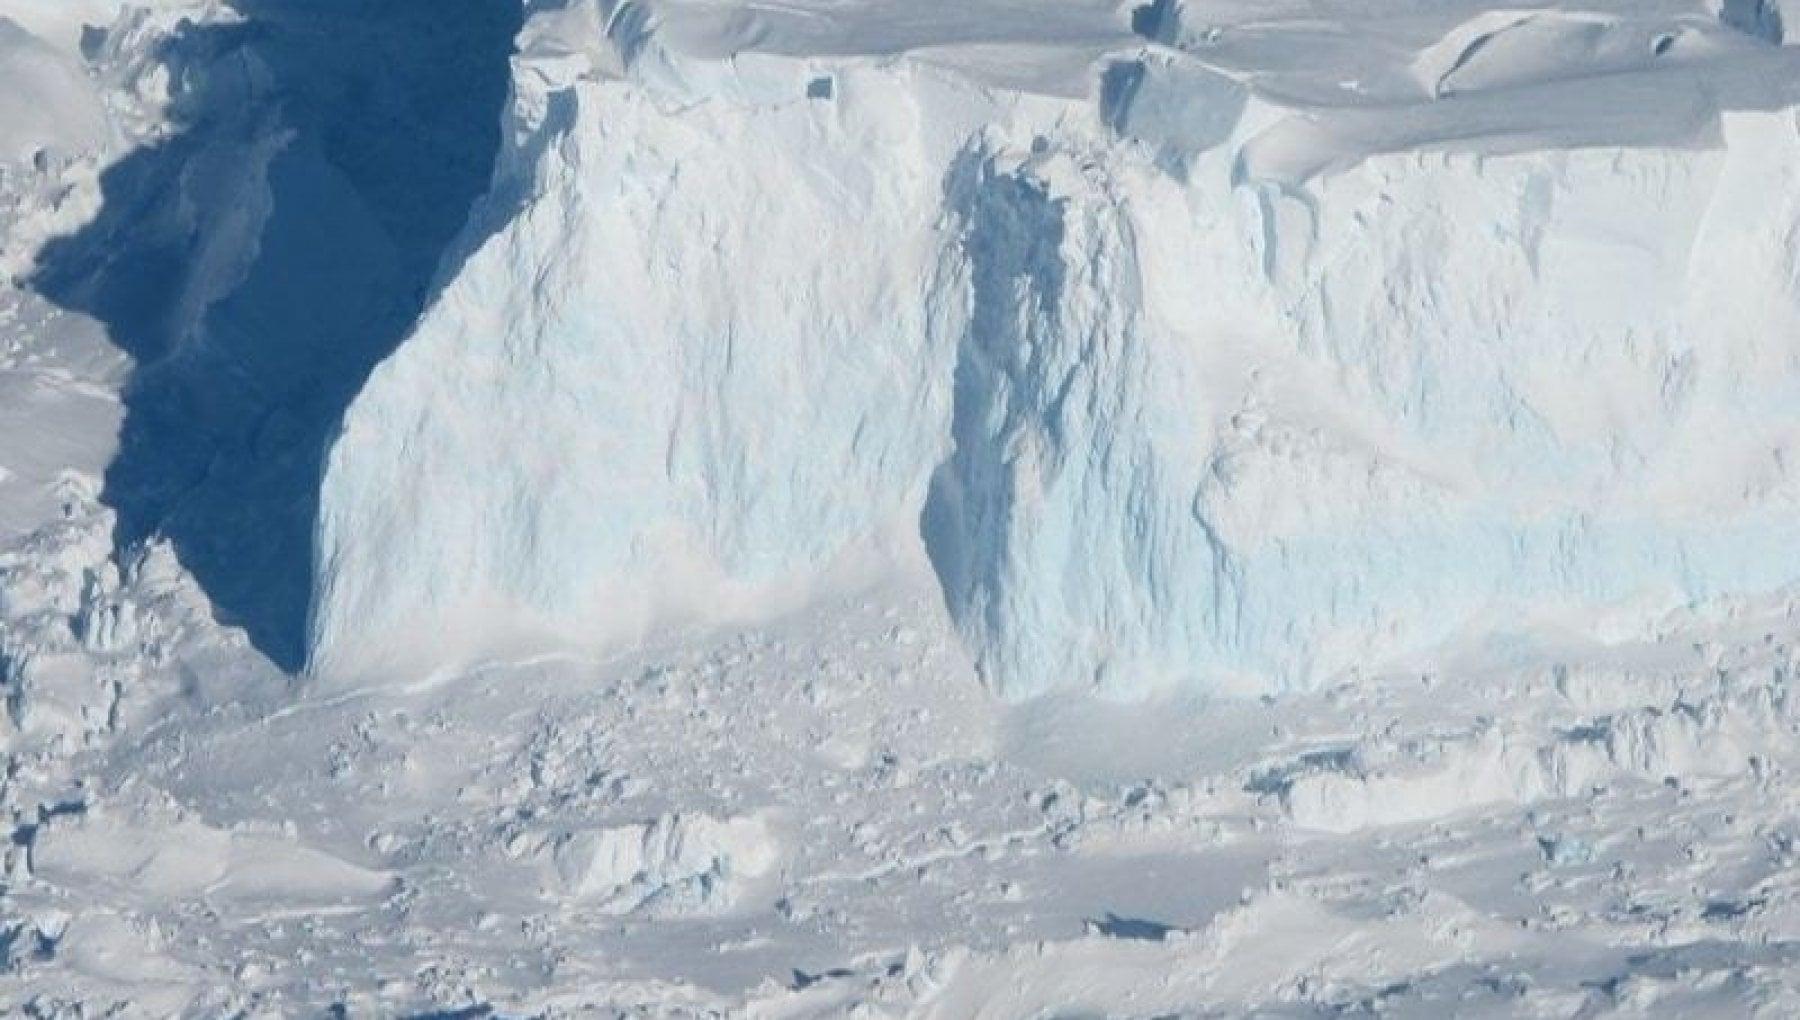 In Antartide c'è un ghiacciaio che fa paura